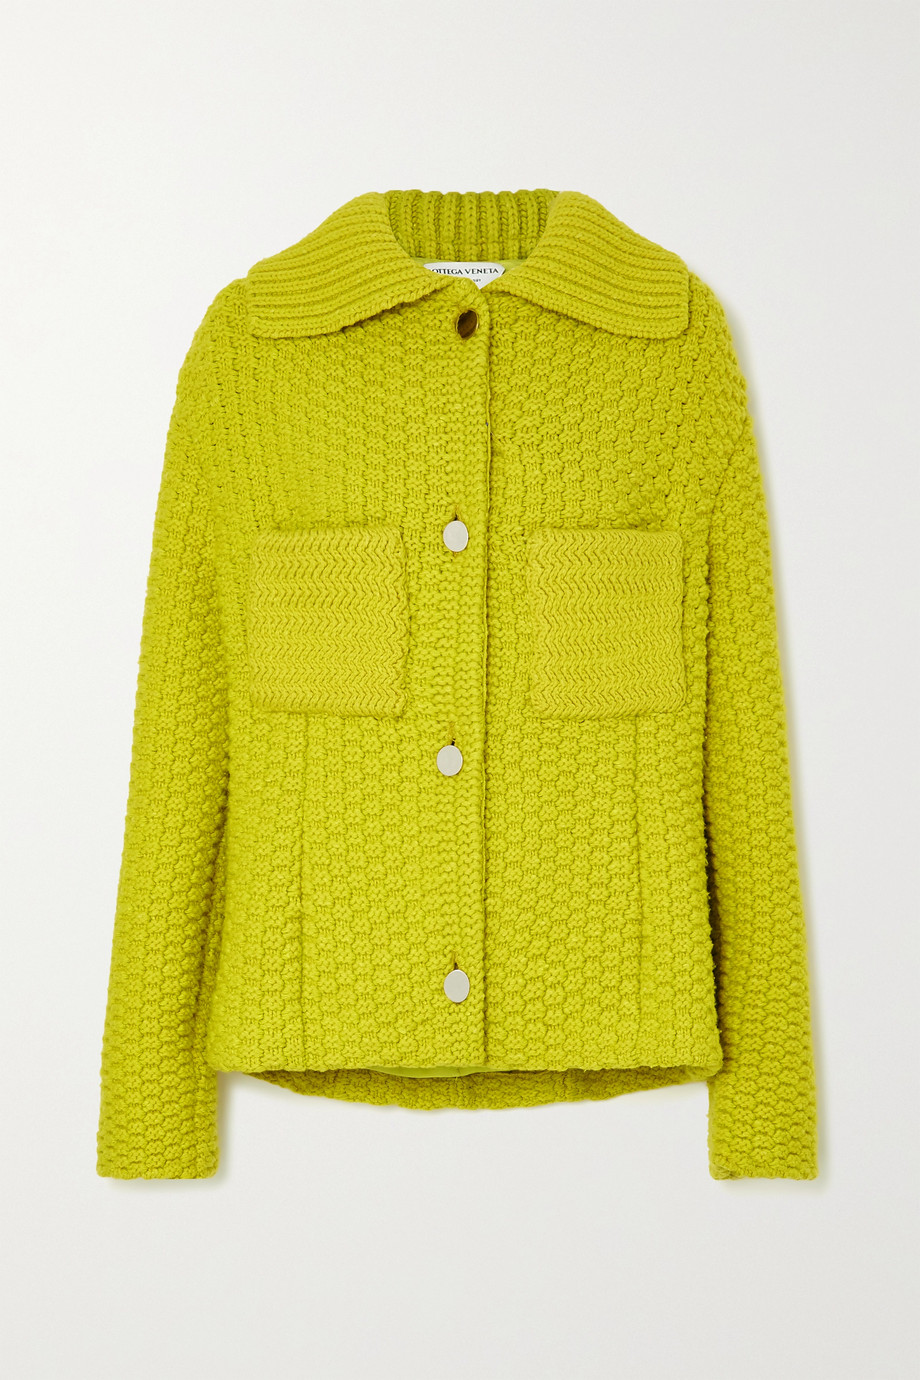 Bottega Veneta Jacke aus Waffelstrick aus einer Wollmischung